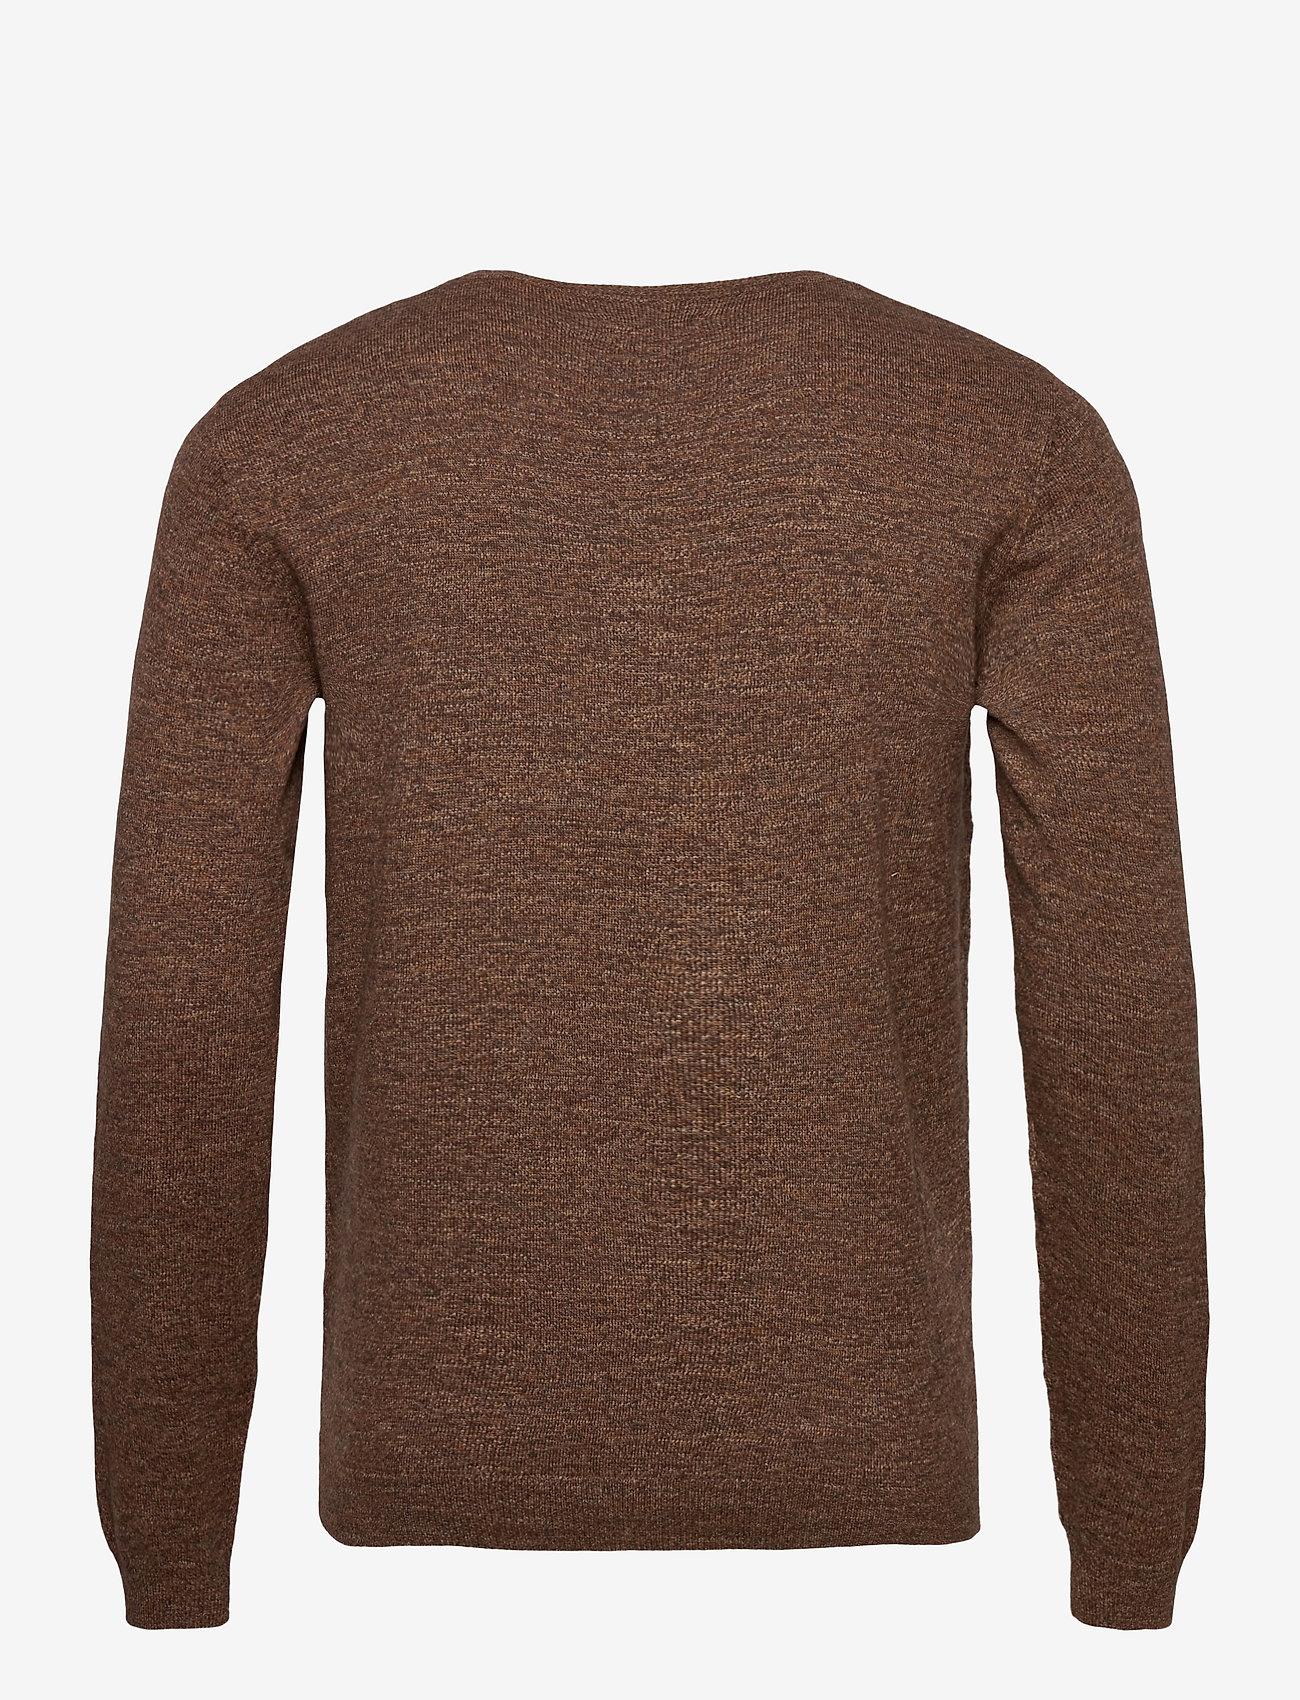 Modern Basic (Brown Grey Mouline) (32.49 €) - Tom Tailor 0GCJF